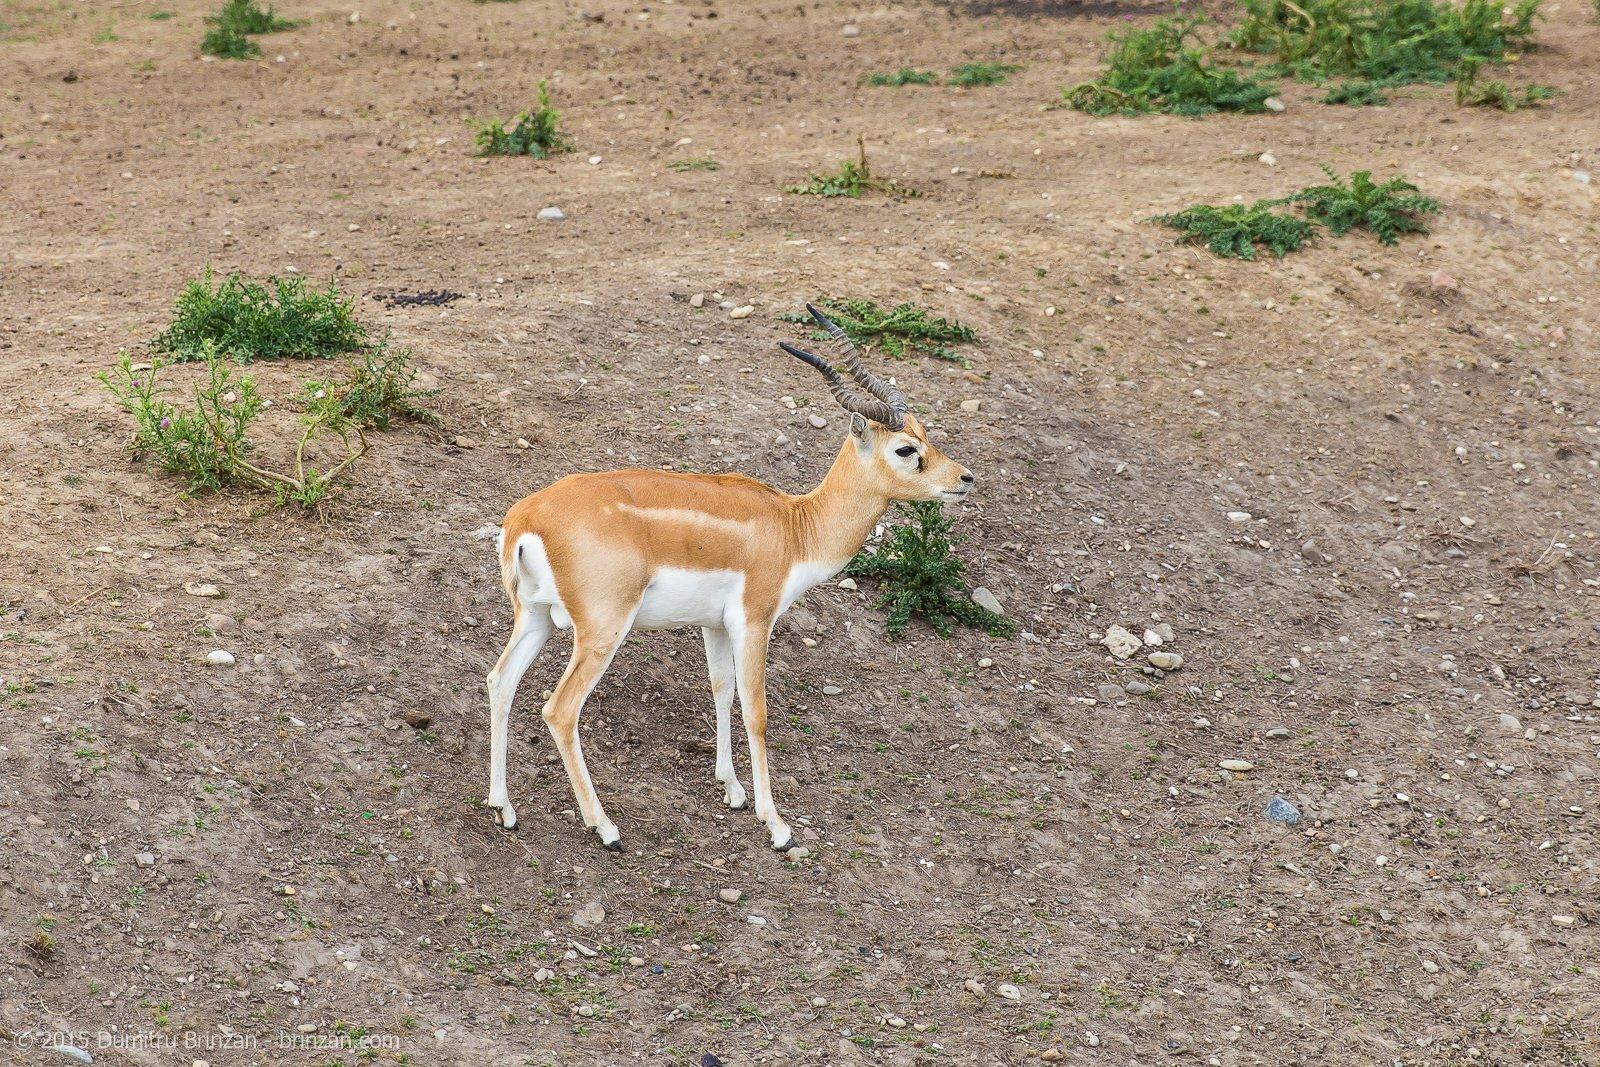 zoo-oradea-romania-2015-4